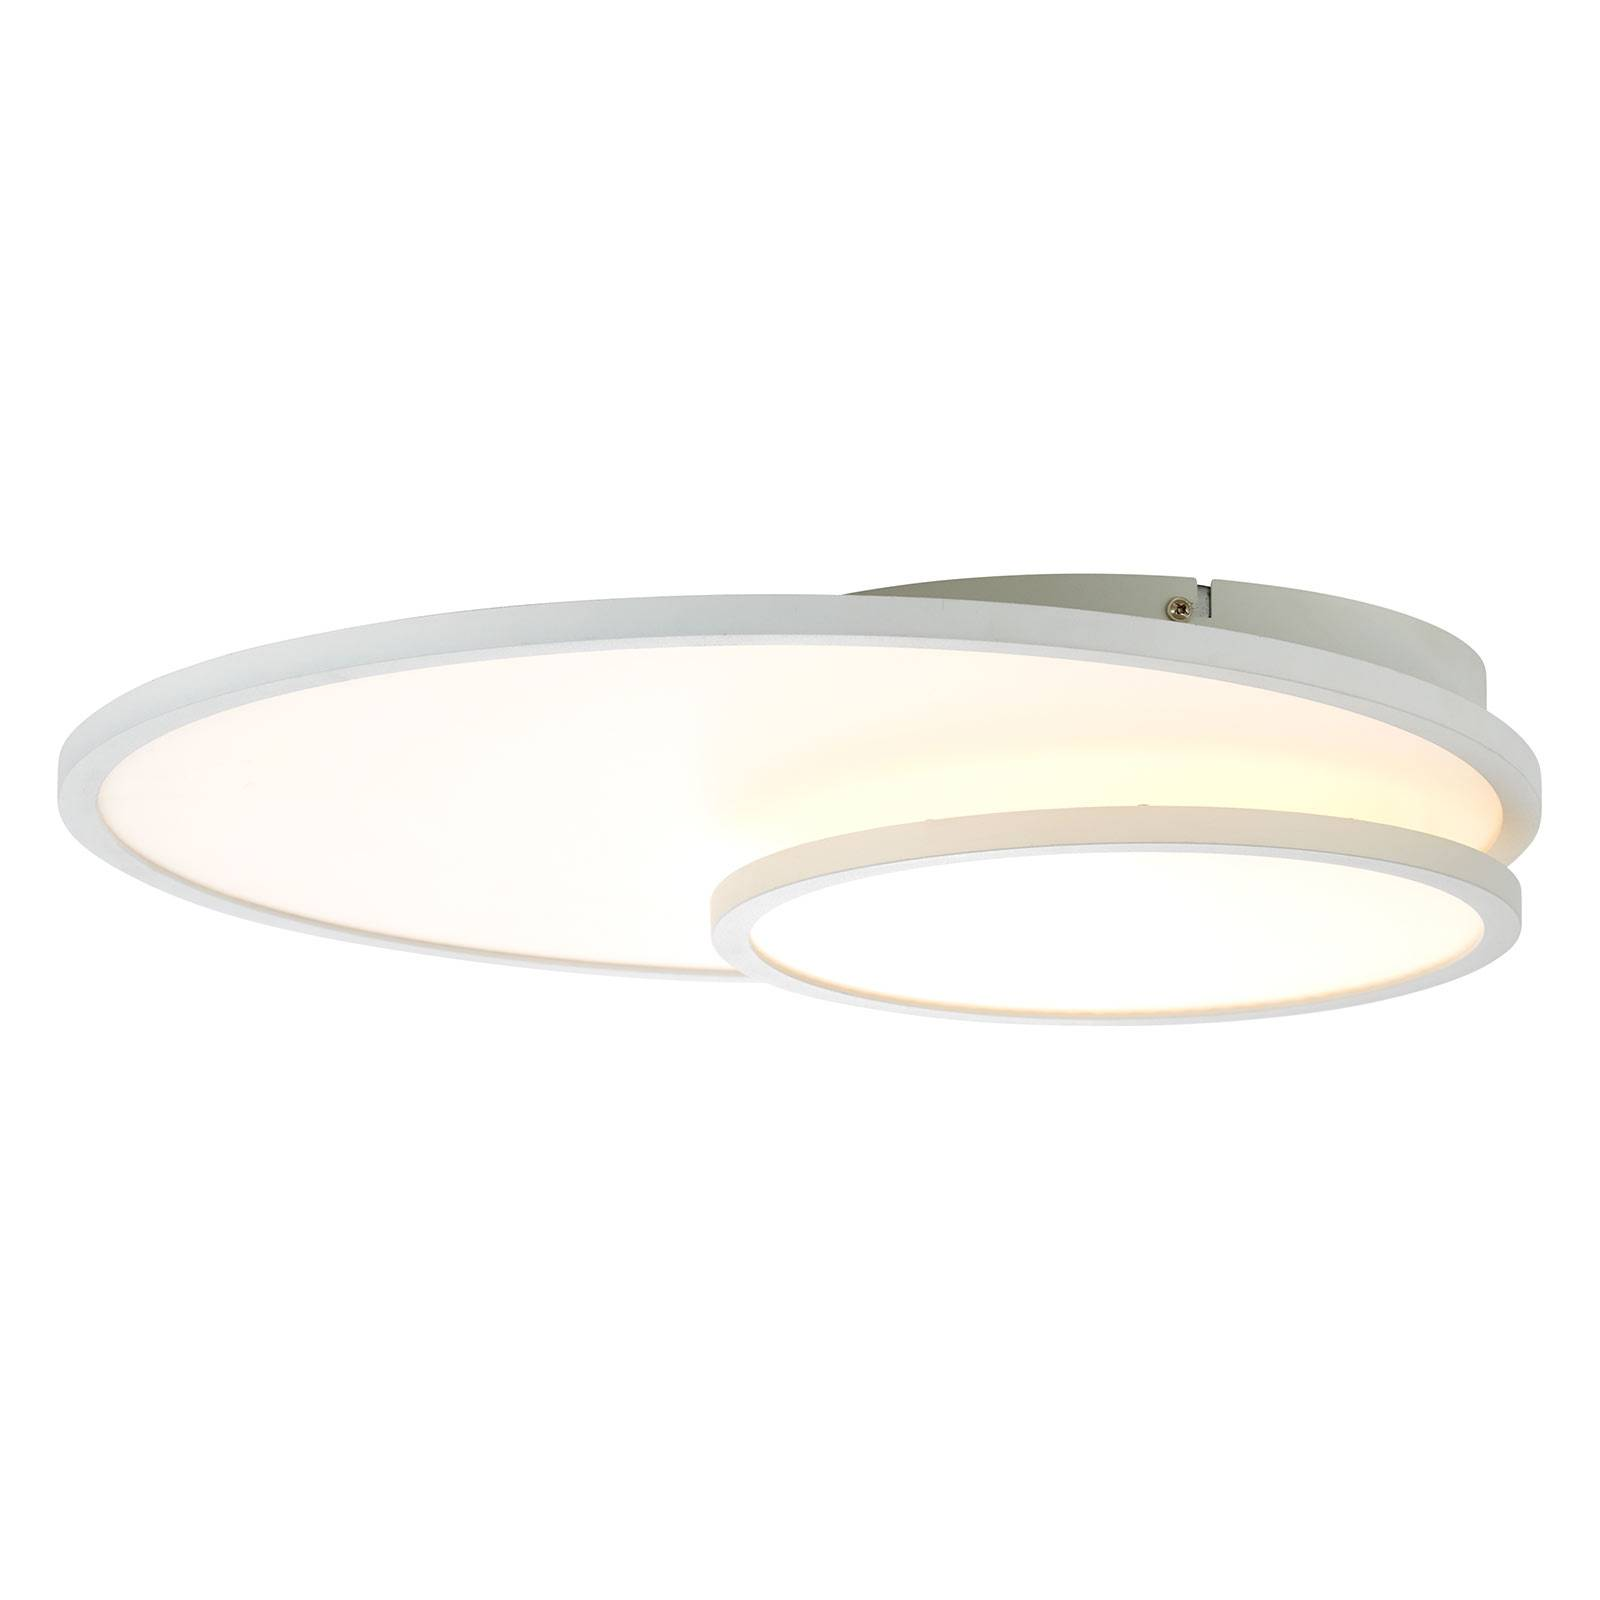 LED-kattovalaisin Bility, pyöreä, valkoinen kehys